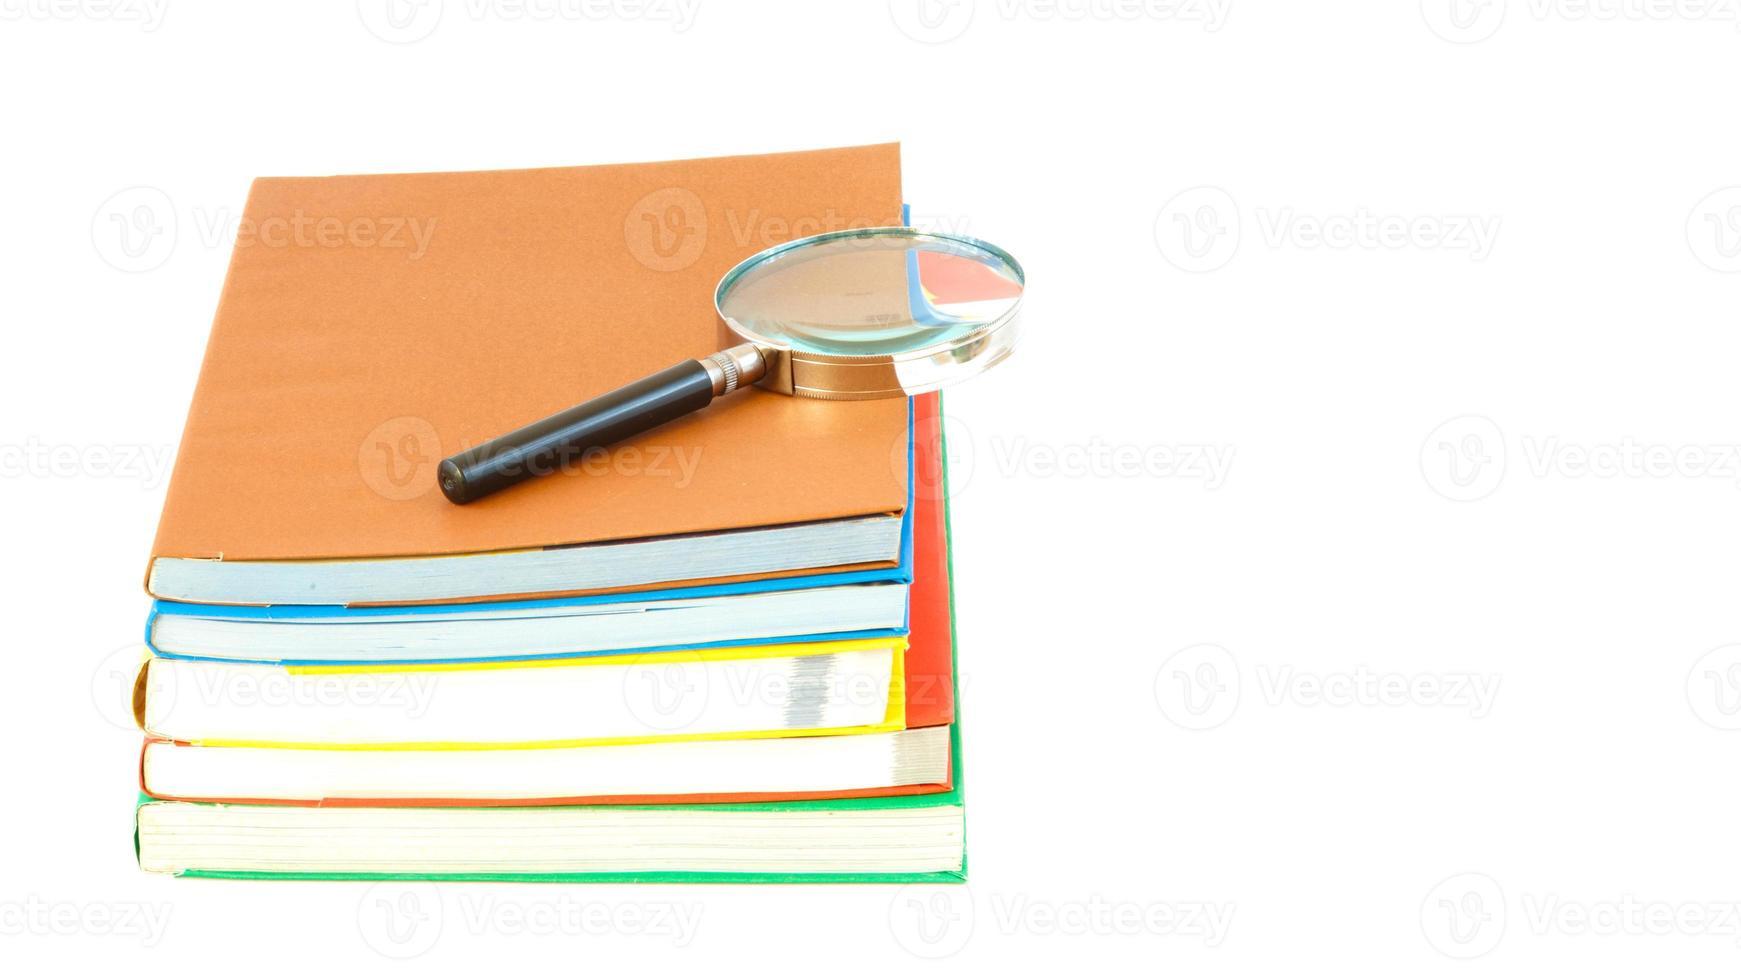 Stapel von Lehrbüchern, Werkzeugunterstützung und isoliert auf weißem Hintergrund foto